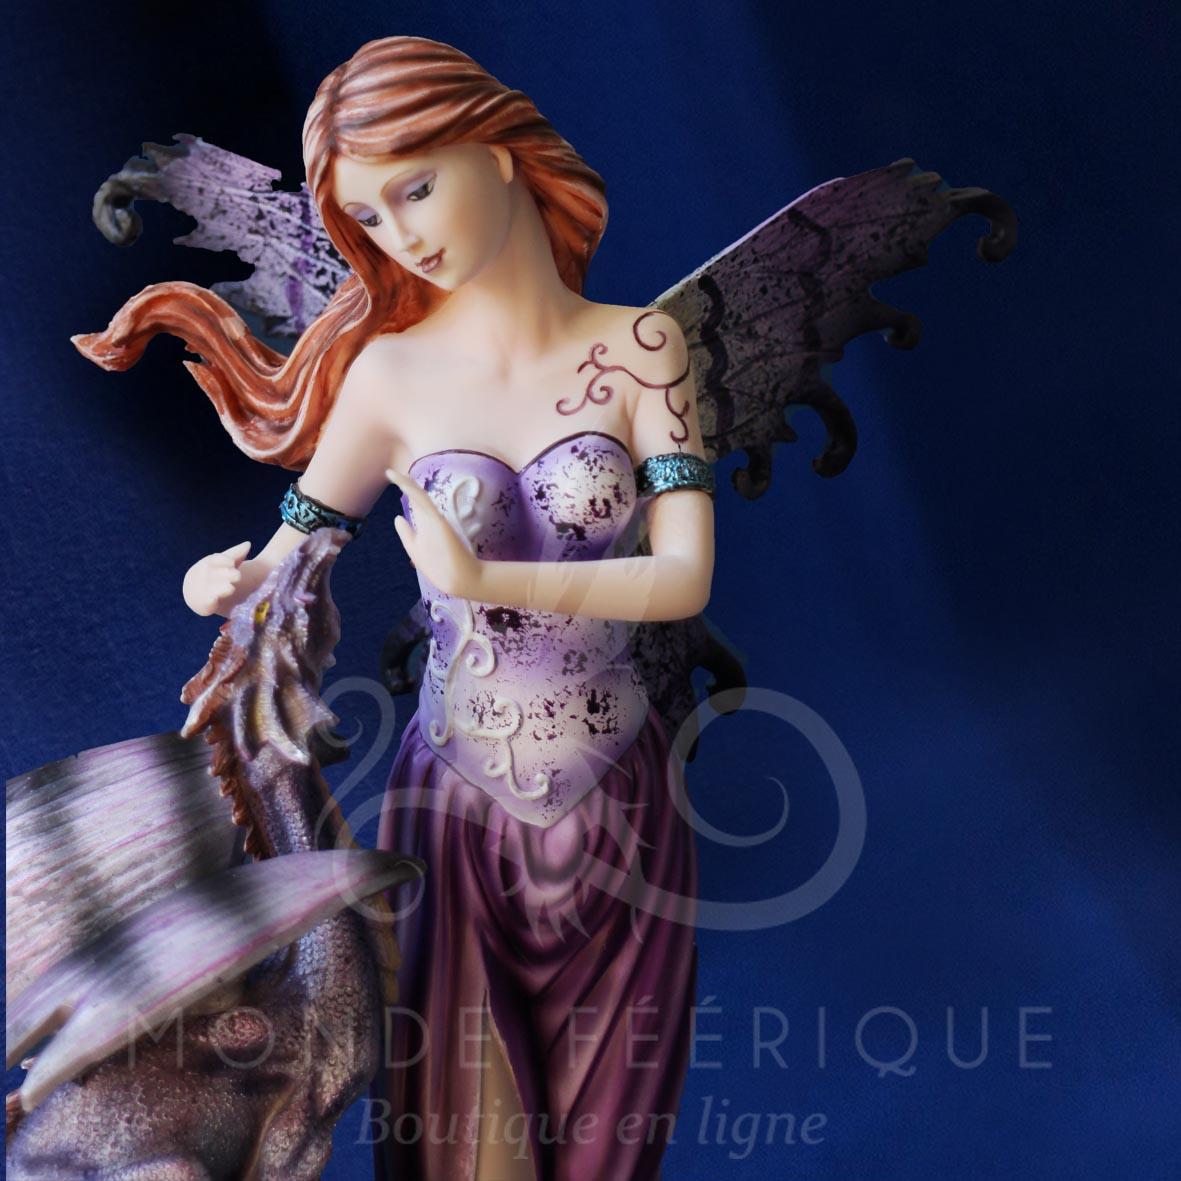 figurine de fée debout